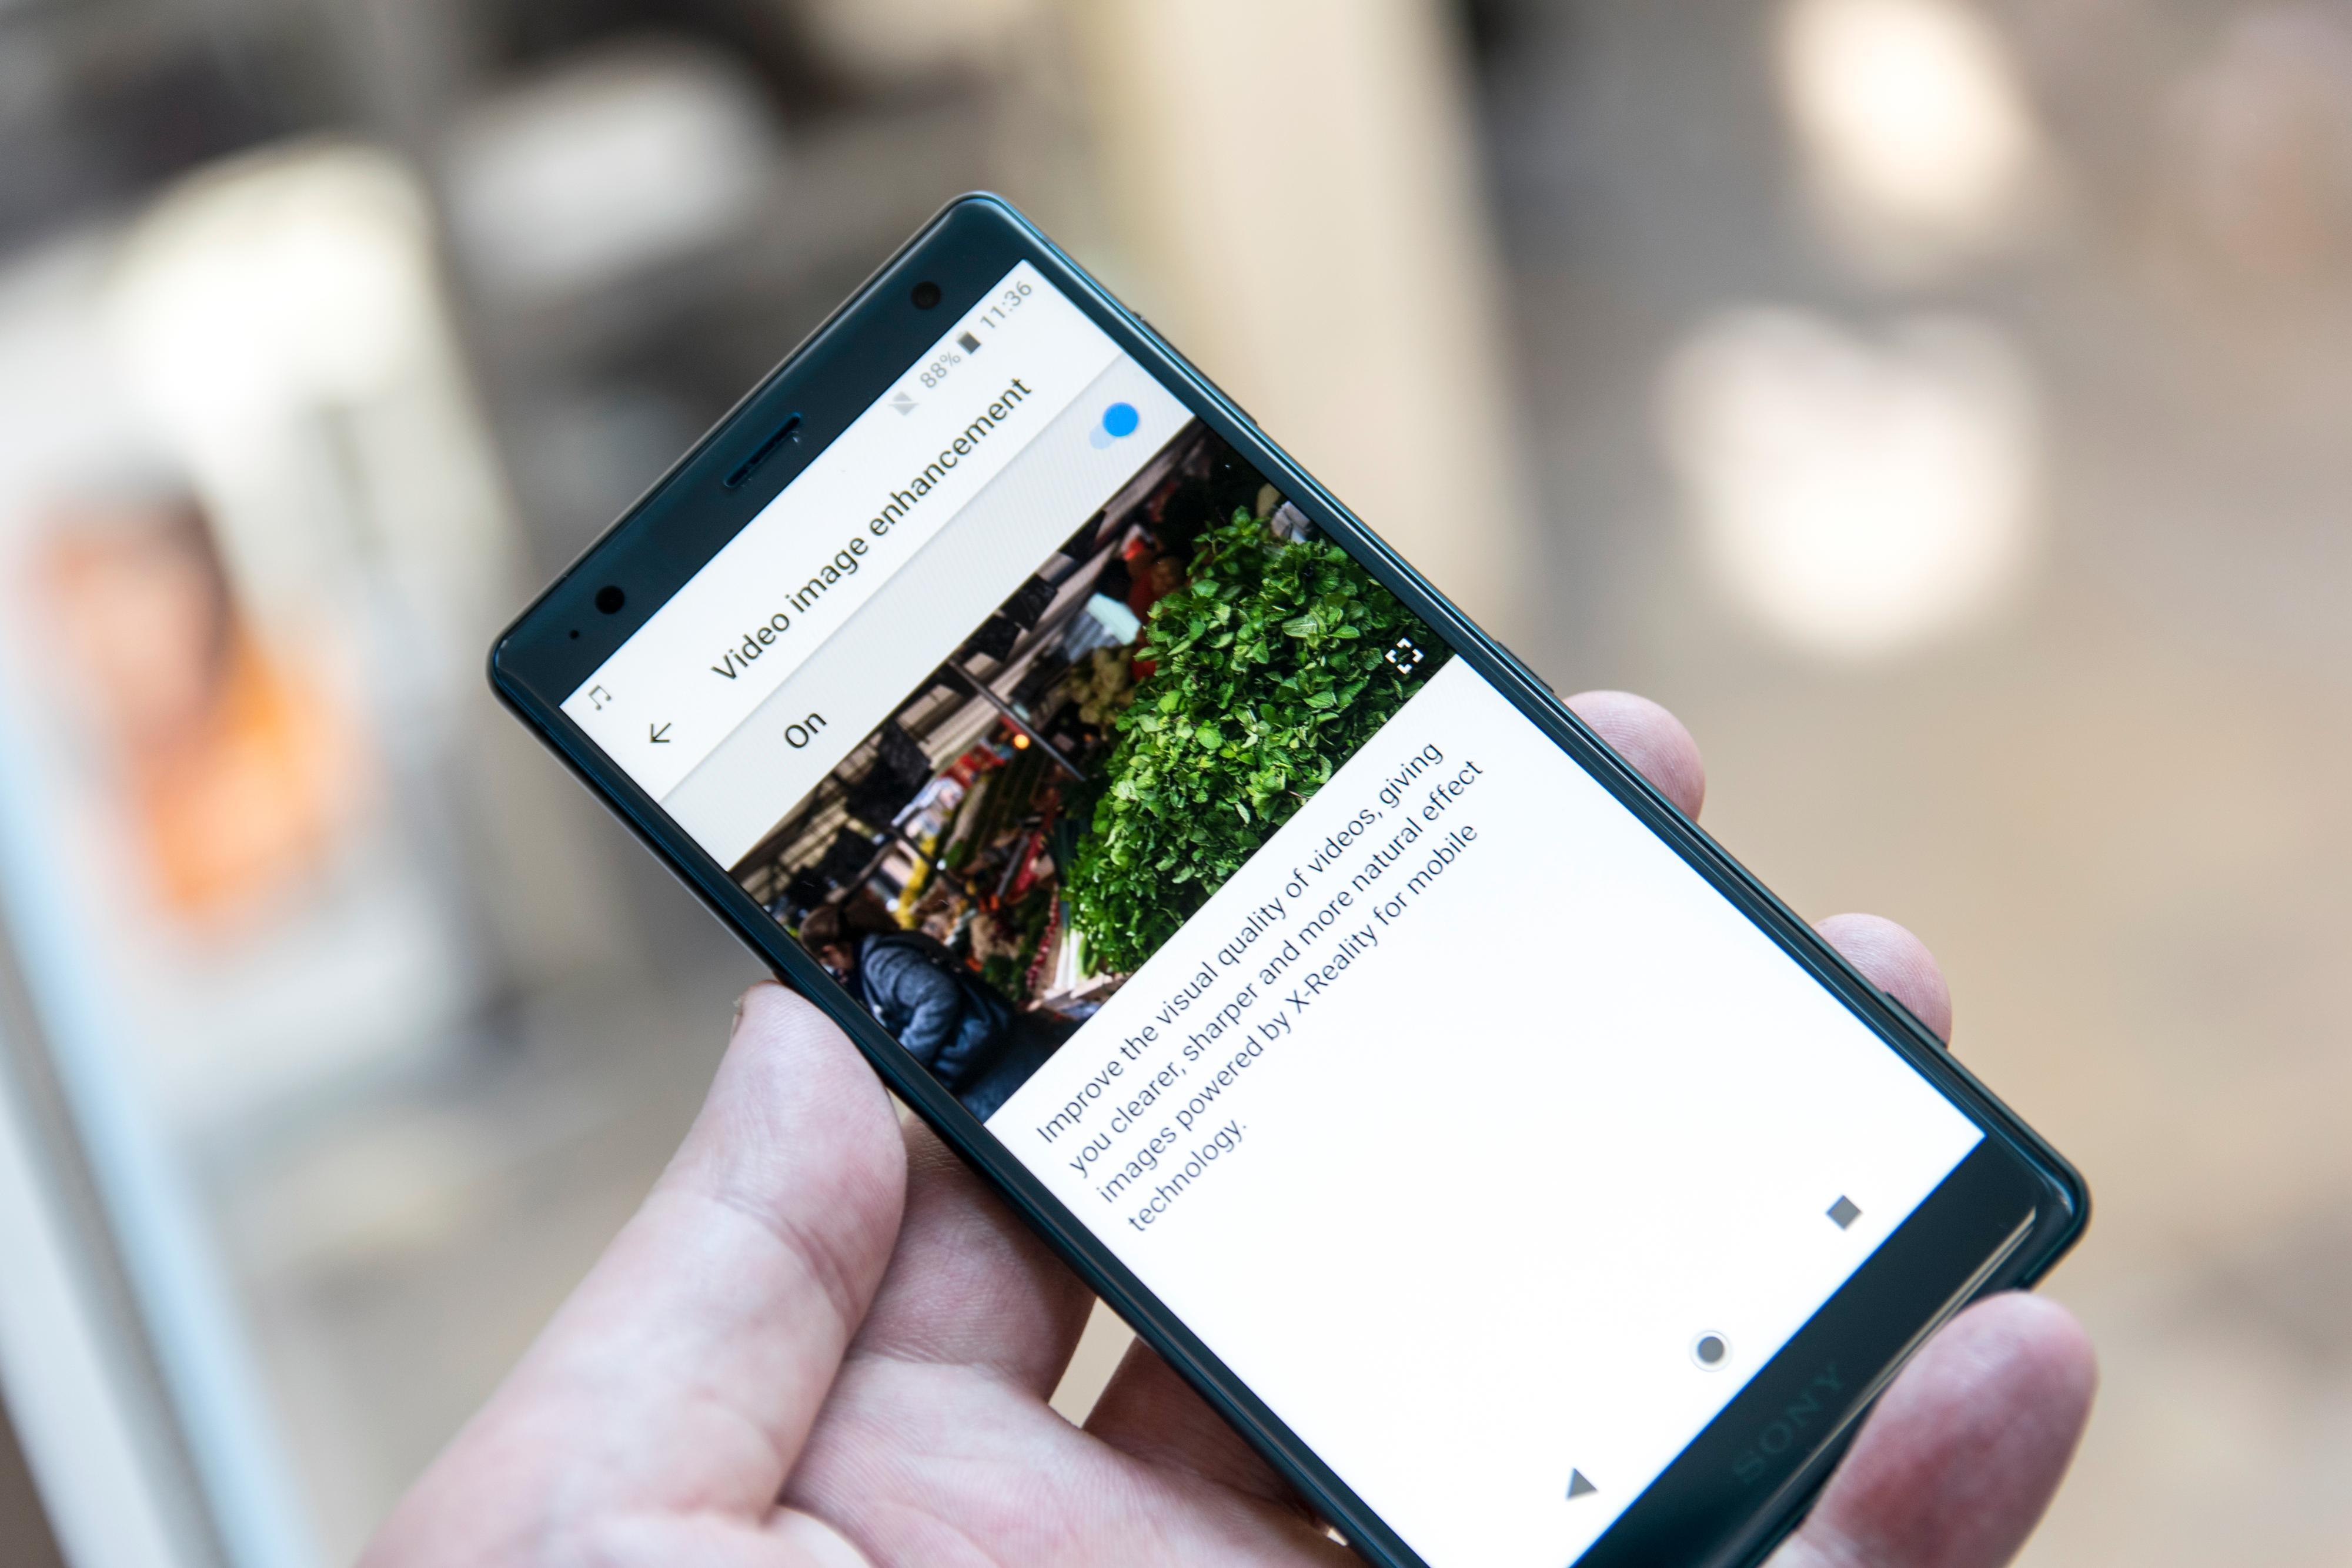 Samsung var tidlige med å legge inn jukse-HDR for eldre innhold på sin Galaxy S8. Nå har også Sonys heftigste Xperia-modell en liknende løsning. Det er svært praktisk, siden det meste innholdet på nett enn så lenge ikke har HDR-informasjon.